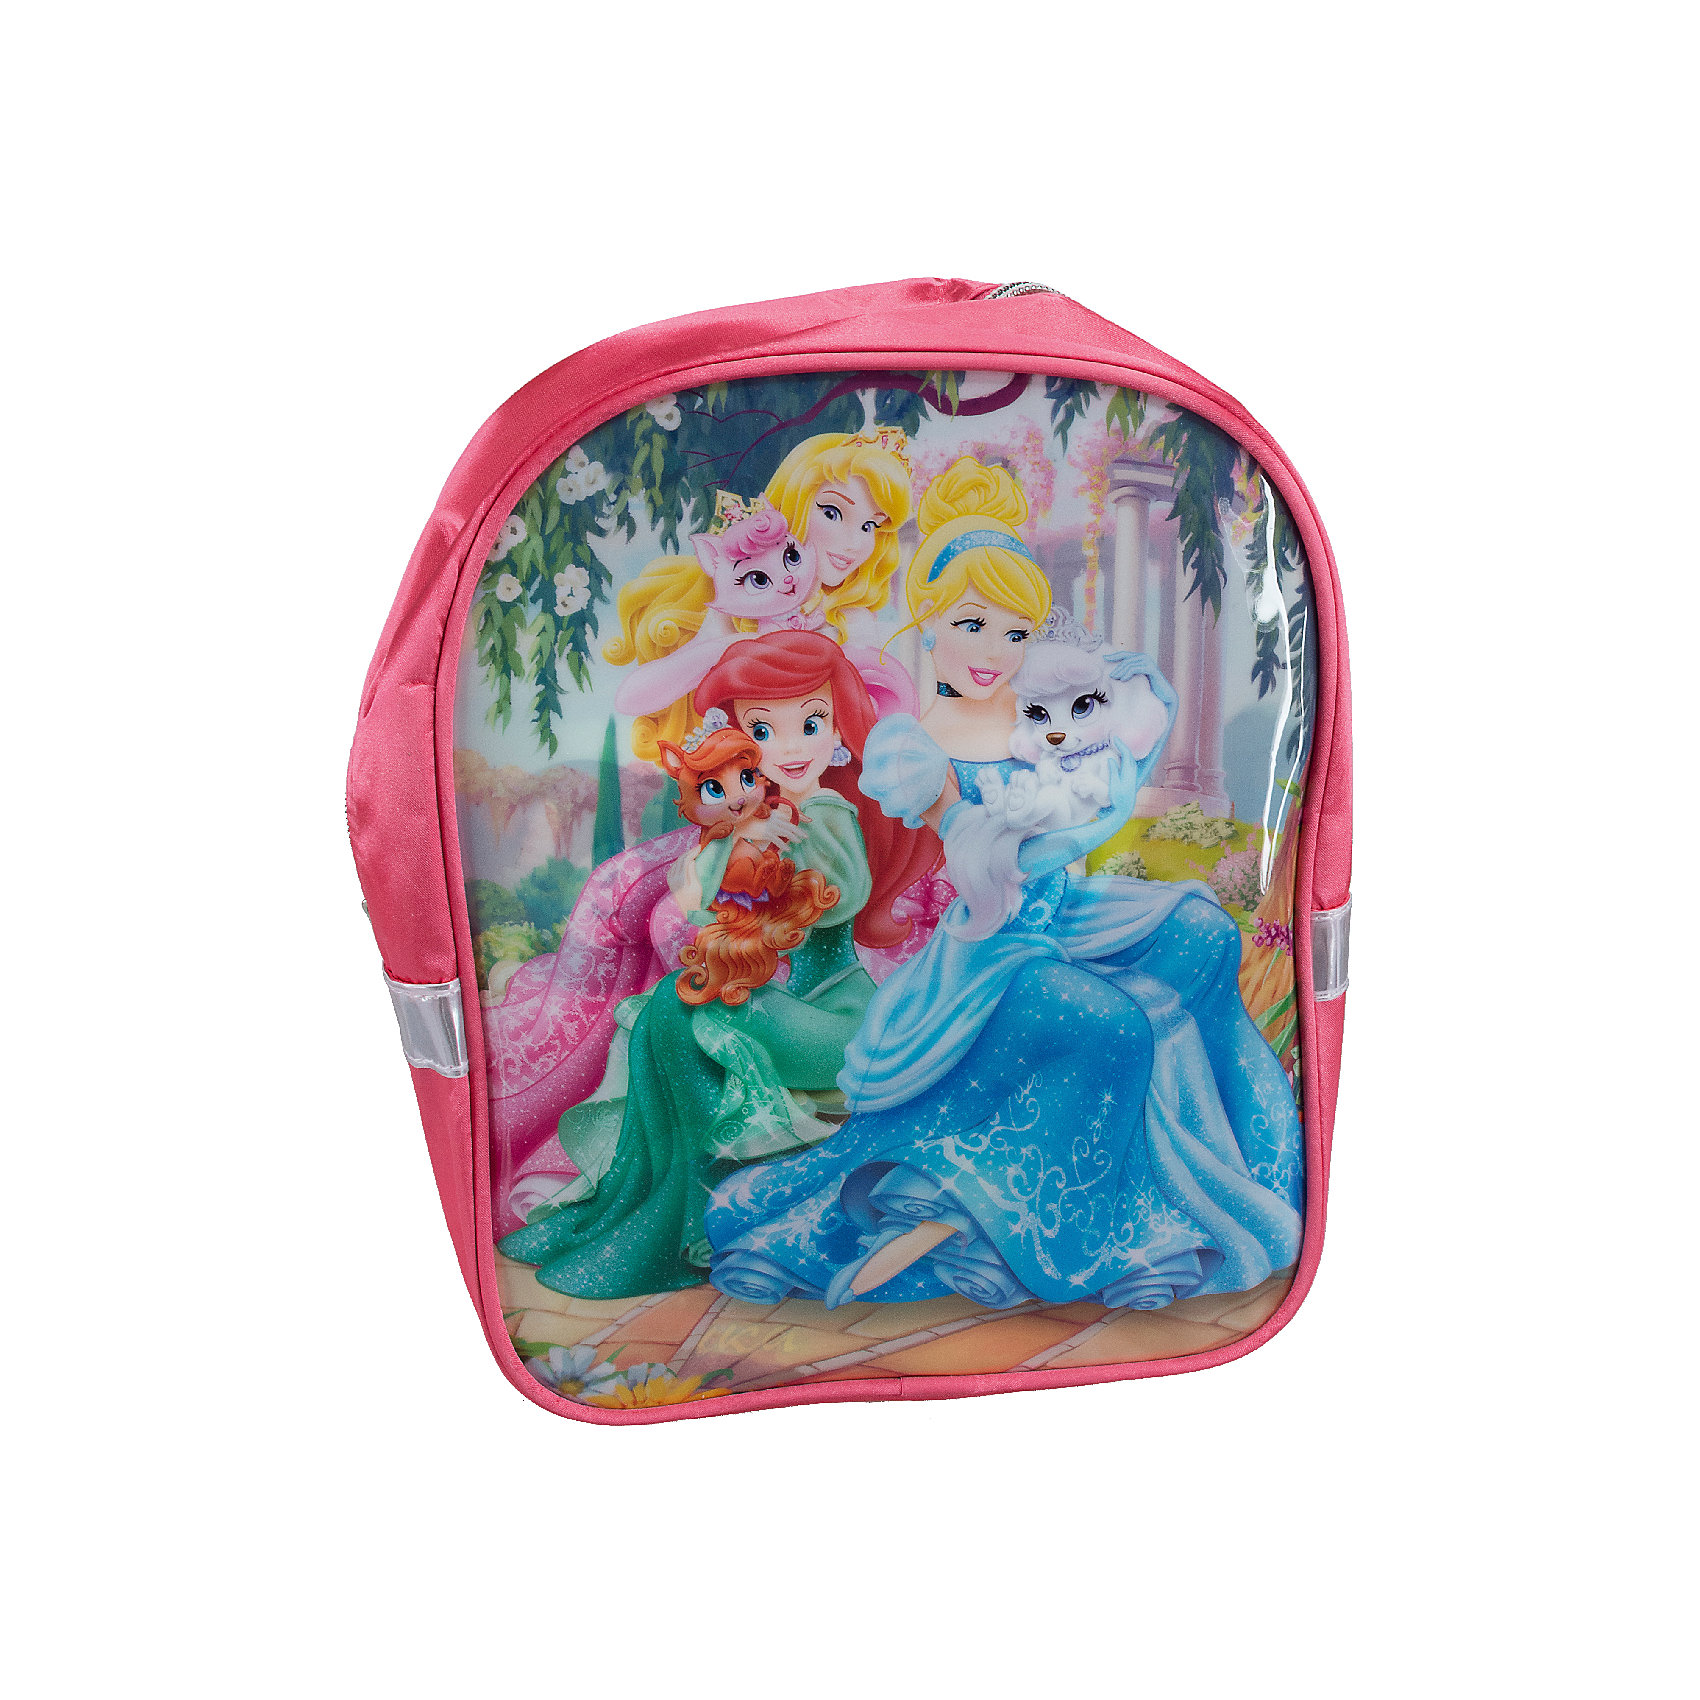 Дошкольный рюкзак, Принцессы ДиснейДошкольный рюкзак, Принцессы Дисней - удобный нарядный рюкзачок, который замечательно подойдет для прогулок, поездок и путешествий. Рюкзак выполнен из прочного долговечного материала и имеет привлекательный для девочек дизайн с ярко-розовой расцветкой и изображениями волшебных принцесс из популярных диснеевских мультфильмов. Внутри одно большое отделение на молнии. Рюкзак оснащен удобными регулируемыми лямками и текстильной ручкой для переноски в руках. Светоотражающие элементы обеспечивают безопасность в темное время суток.<br><br>Дополнительная информация:<br><br>- Материал: полиэстер.  <br>- Размер: 27 х 22,5 х 9 см.<br>- Вес: 191 гр.<br><br>Дошкольный рюкзак 27*22,5*9 см., Принцессы Дисней, можно купить в нашем интернет-магазине.<br><br>Ширина мм: 90<br>Глубина мм: 225<br>Высота мм: 270<br>Вес г: 191<br>Возраст от месяцев: 48<br>Возраст до месяцев: 84<br>Пол: Женский<br>Возраст: Детский<br>SKU: 4489589